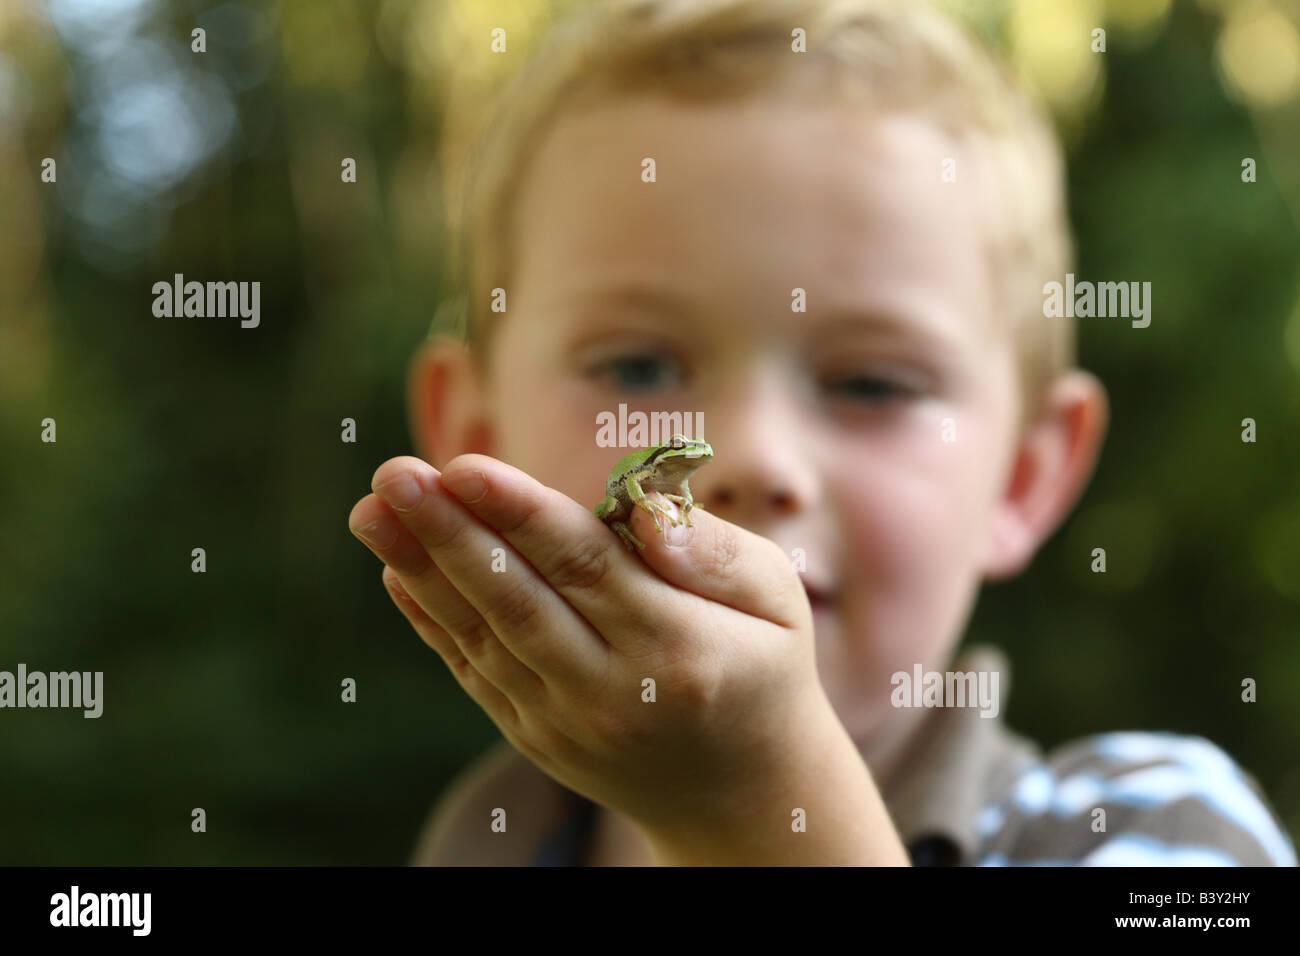 Rapaz exploração small tree frog Imagens de Stock